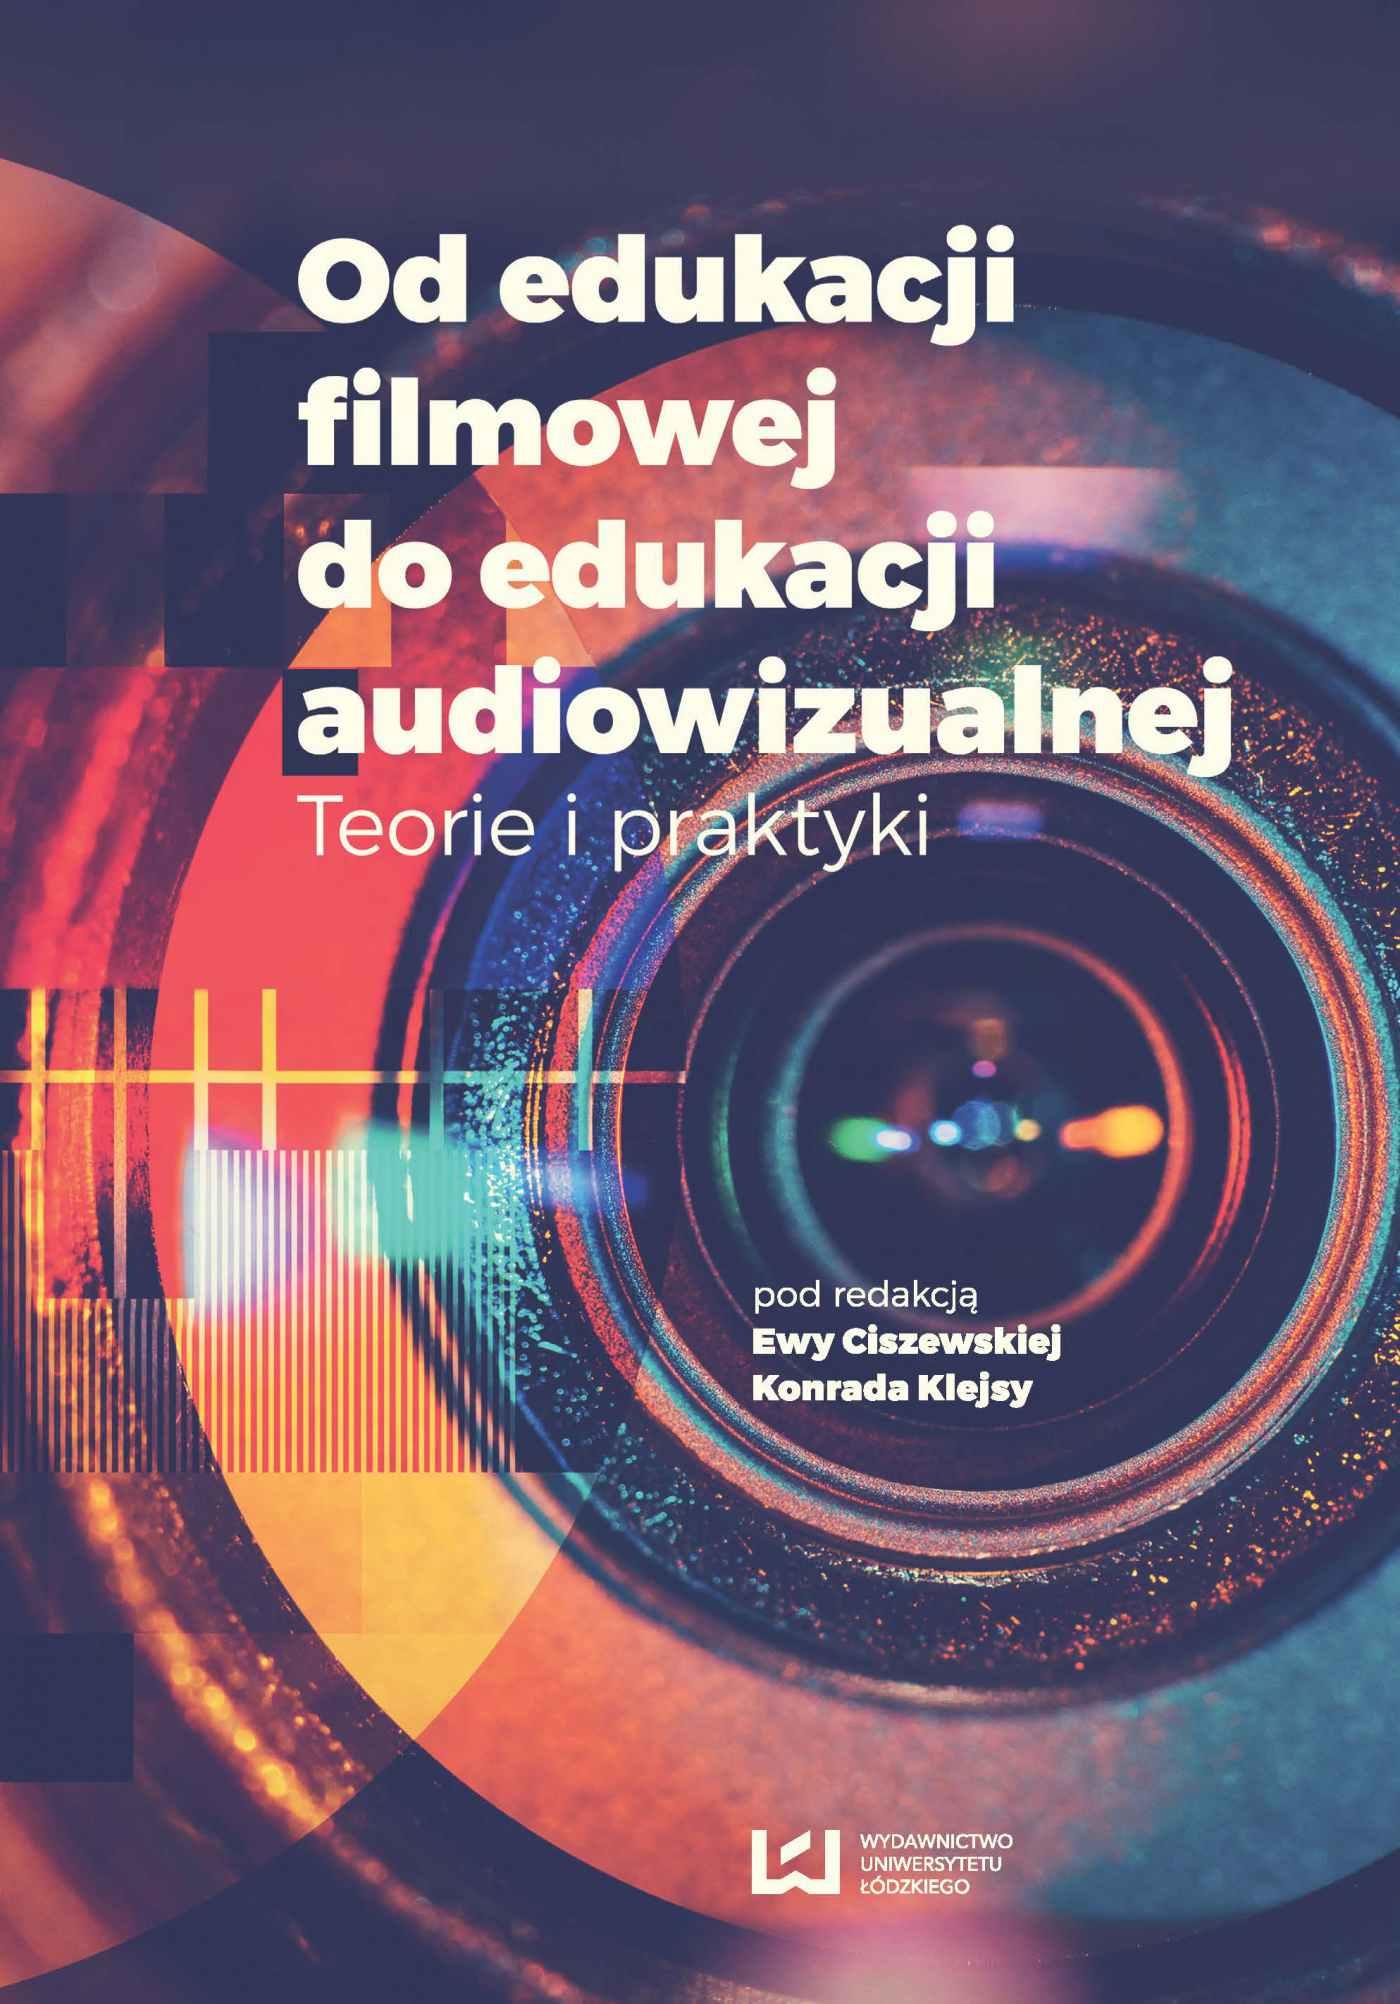 Od edukacji filmowej do edukacji audiowizualnej. Teorie i praktyki - Ebook (Książka PDF) do pobrania w formacie PDF